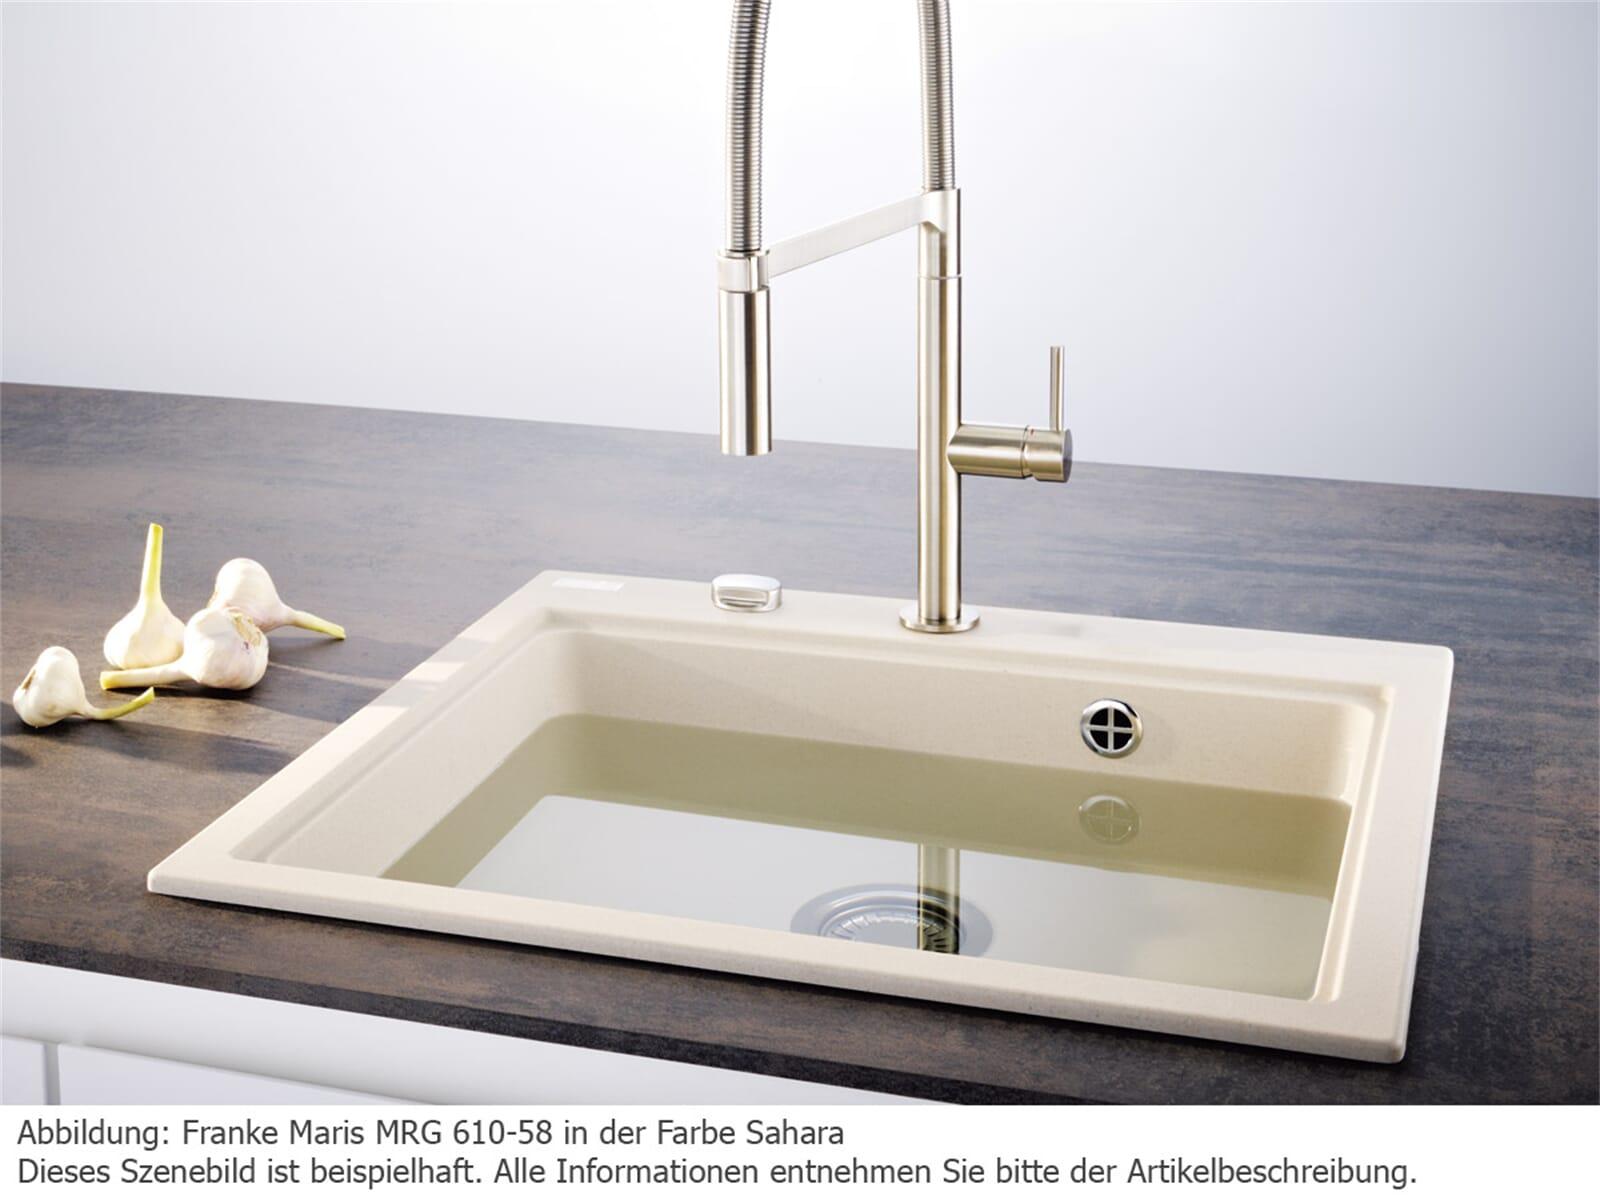 Franke Maris MRG 610-58 Sahara Granitspüle